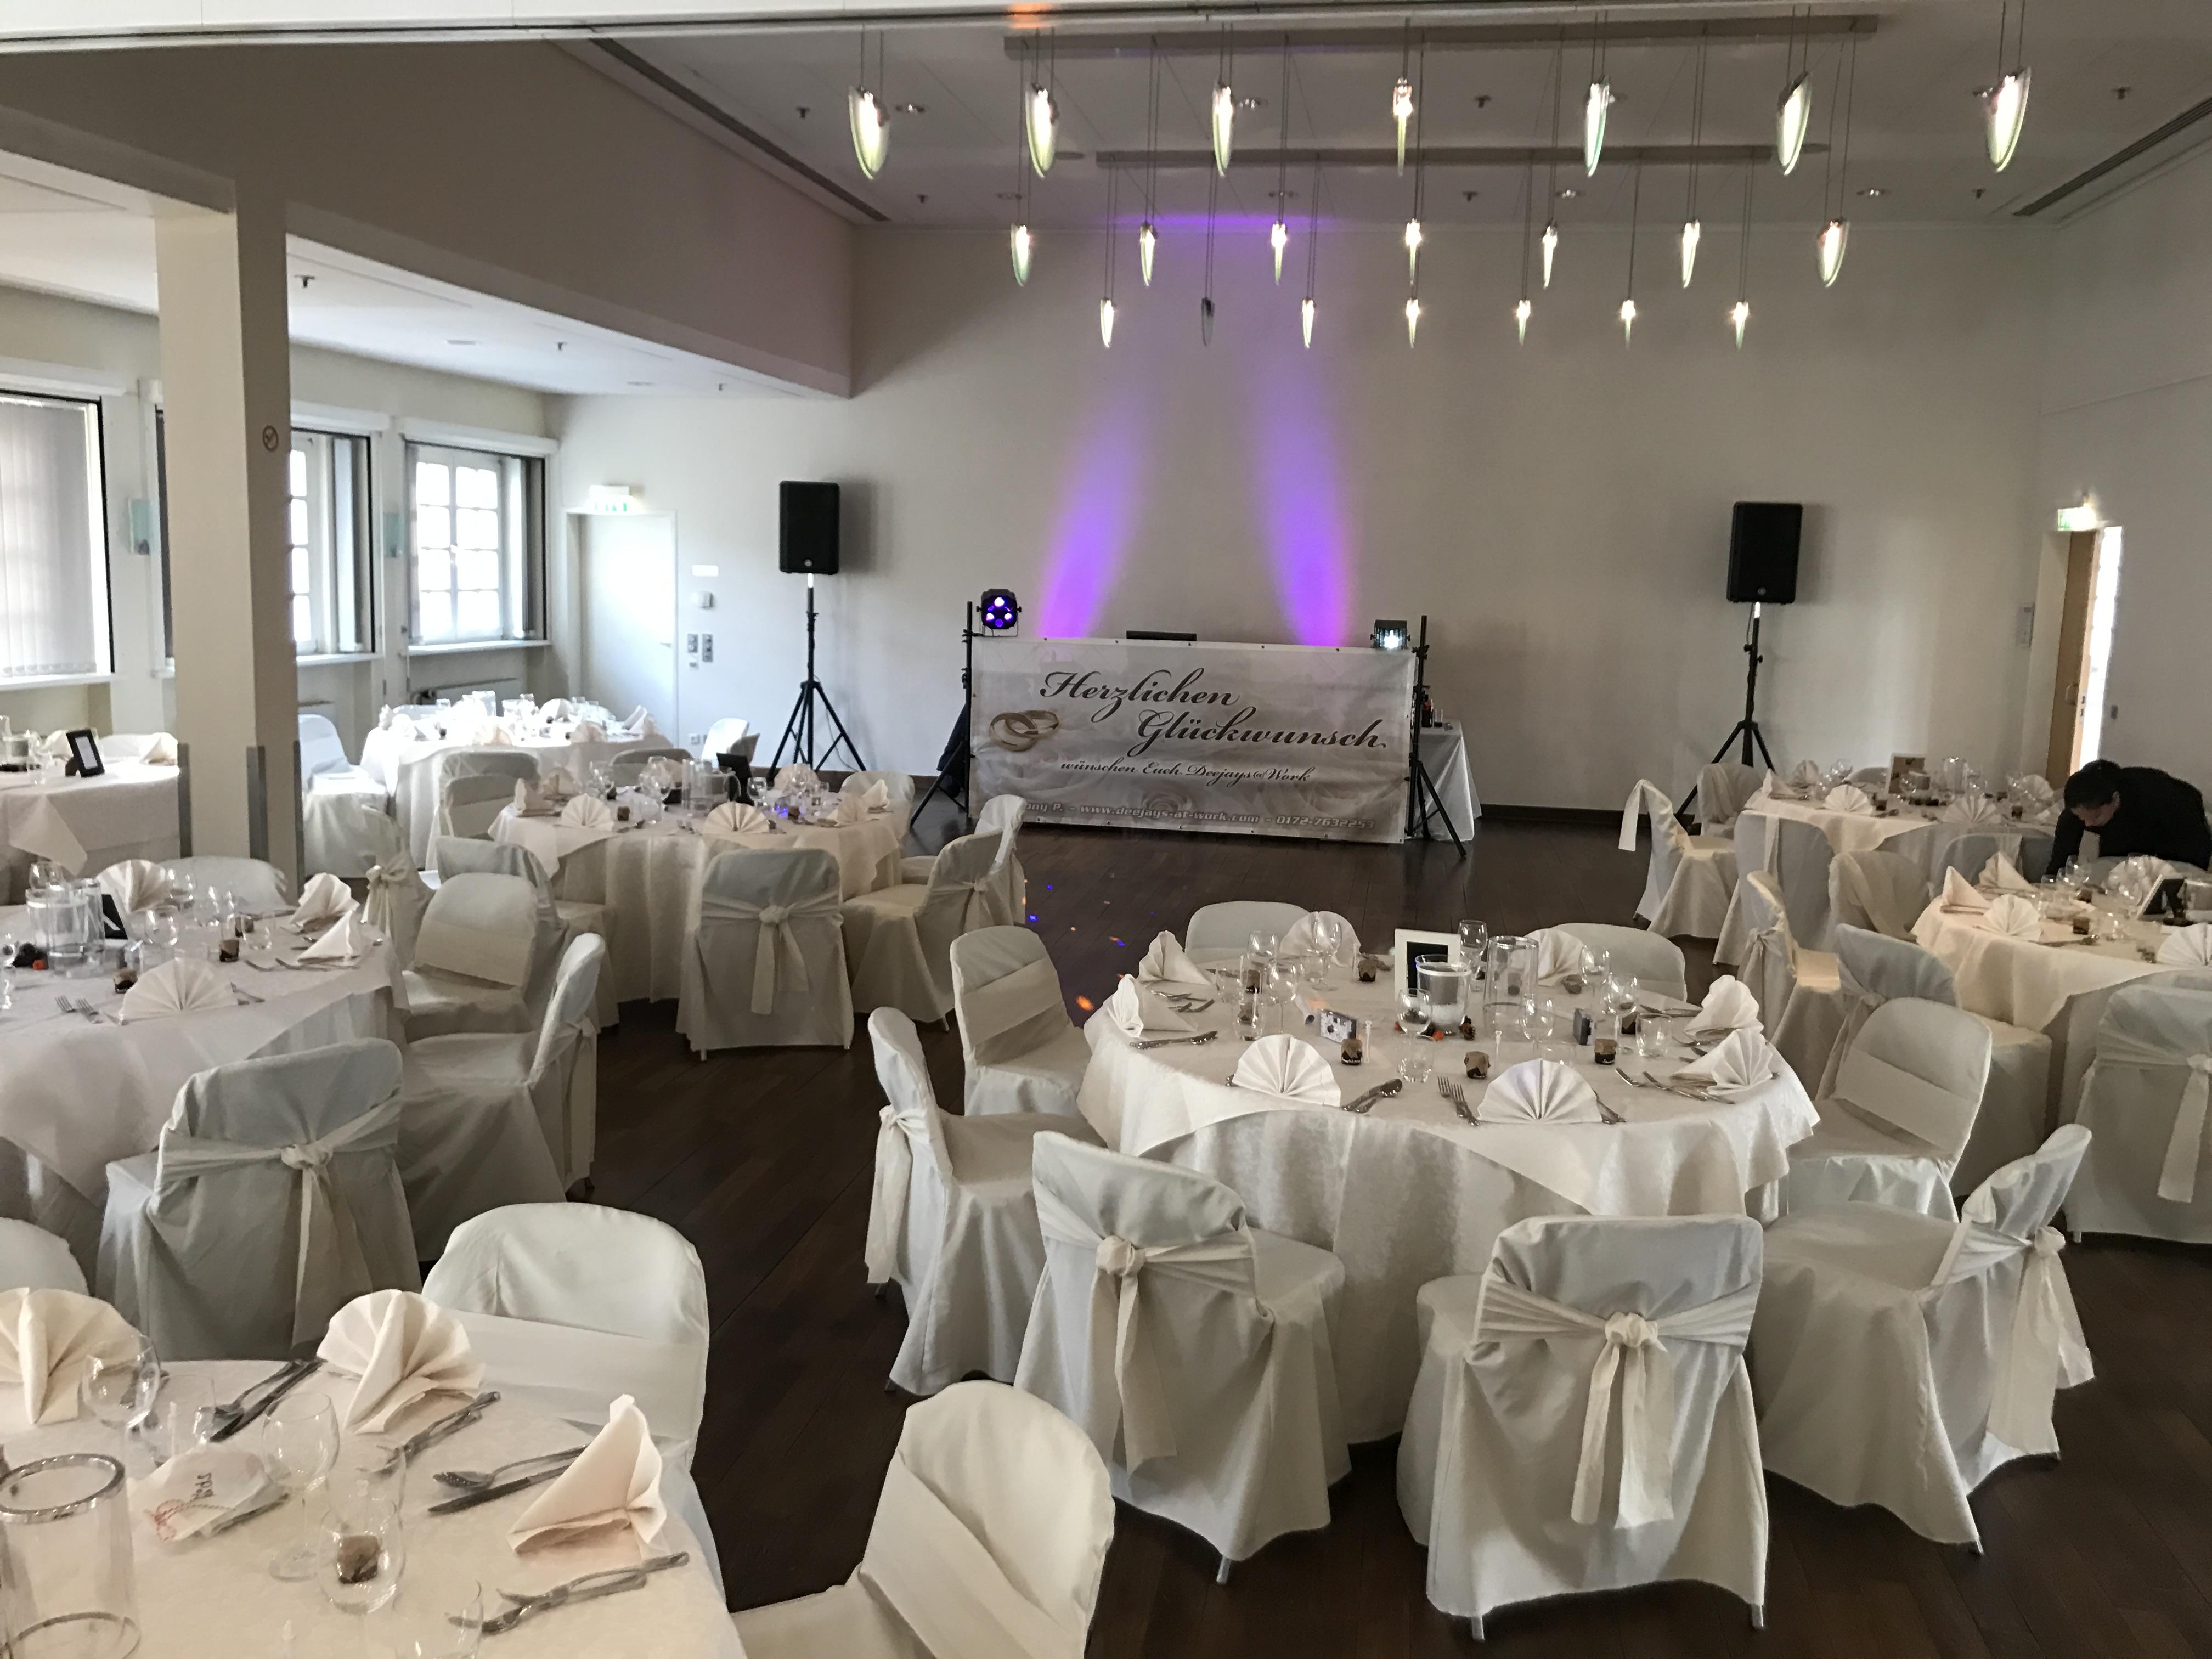 Hochzeit in weiß - Hochzeitsdj mit Herz | DJ TONY P